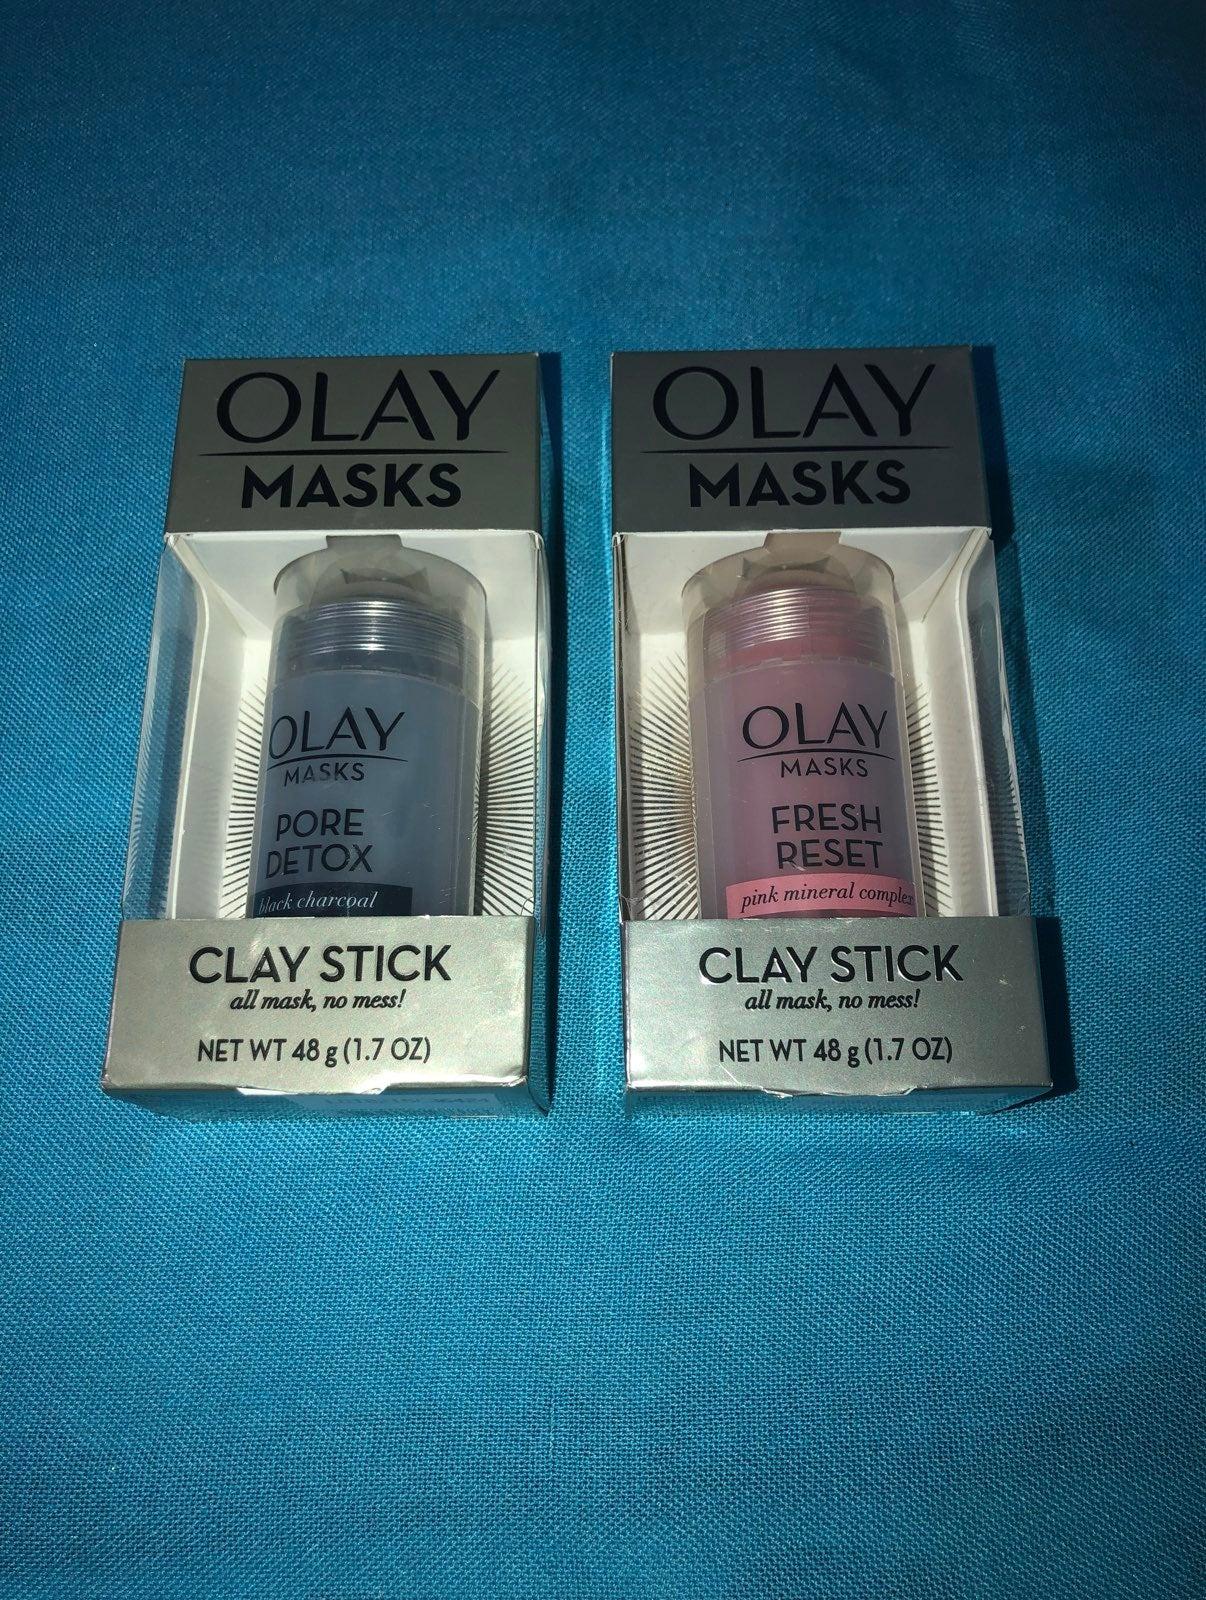 Olay Clay Stick Masks